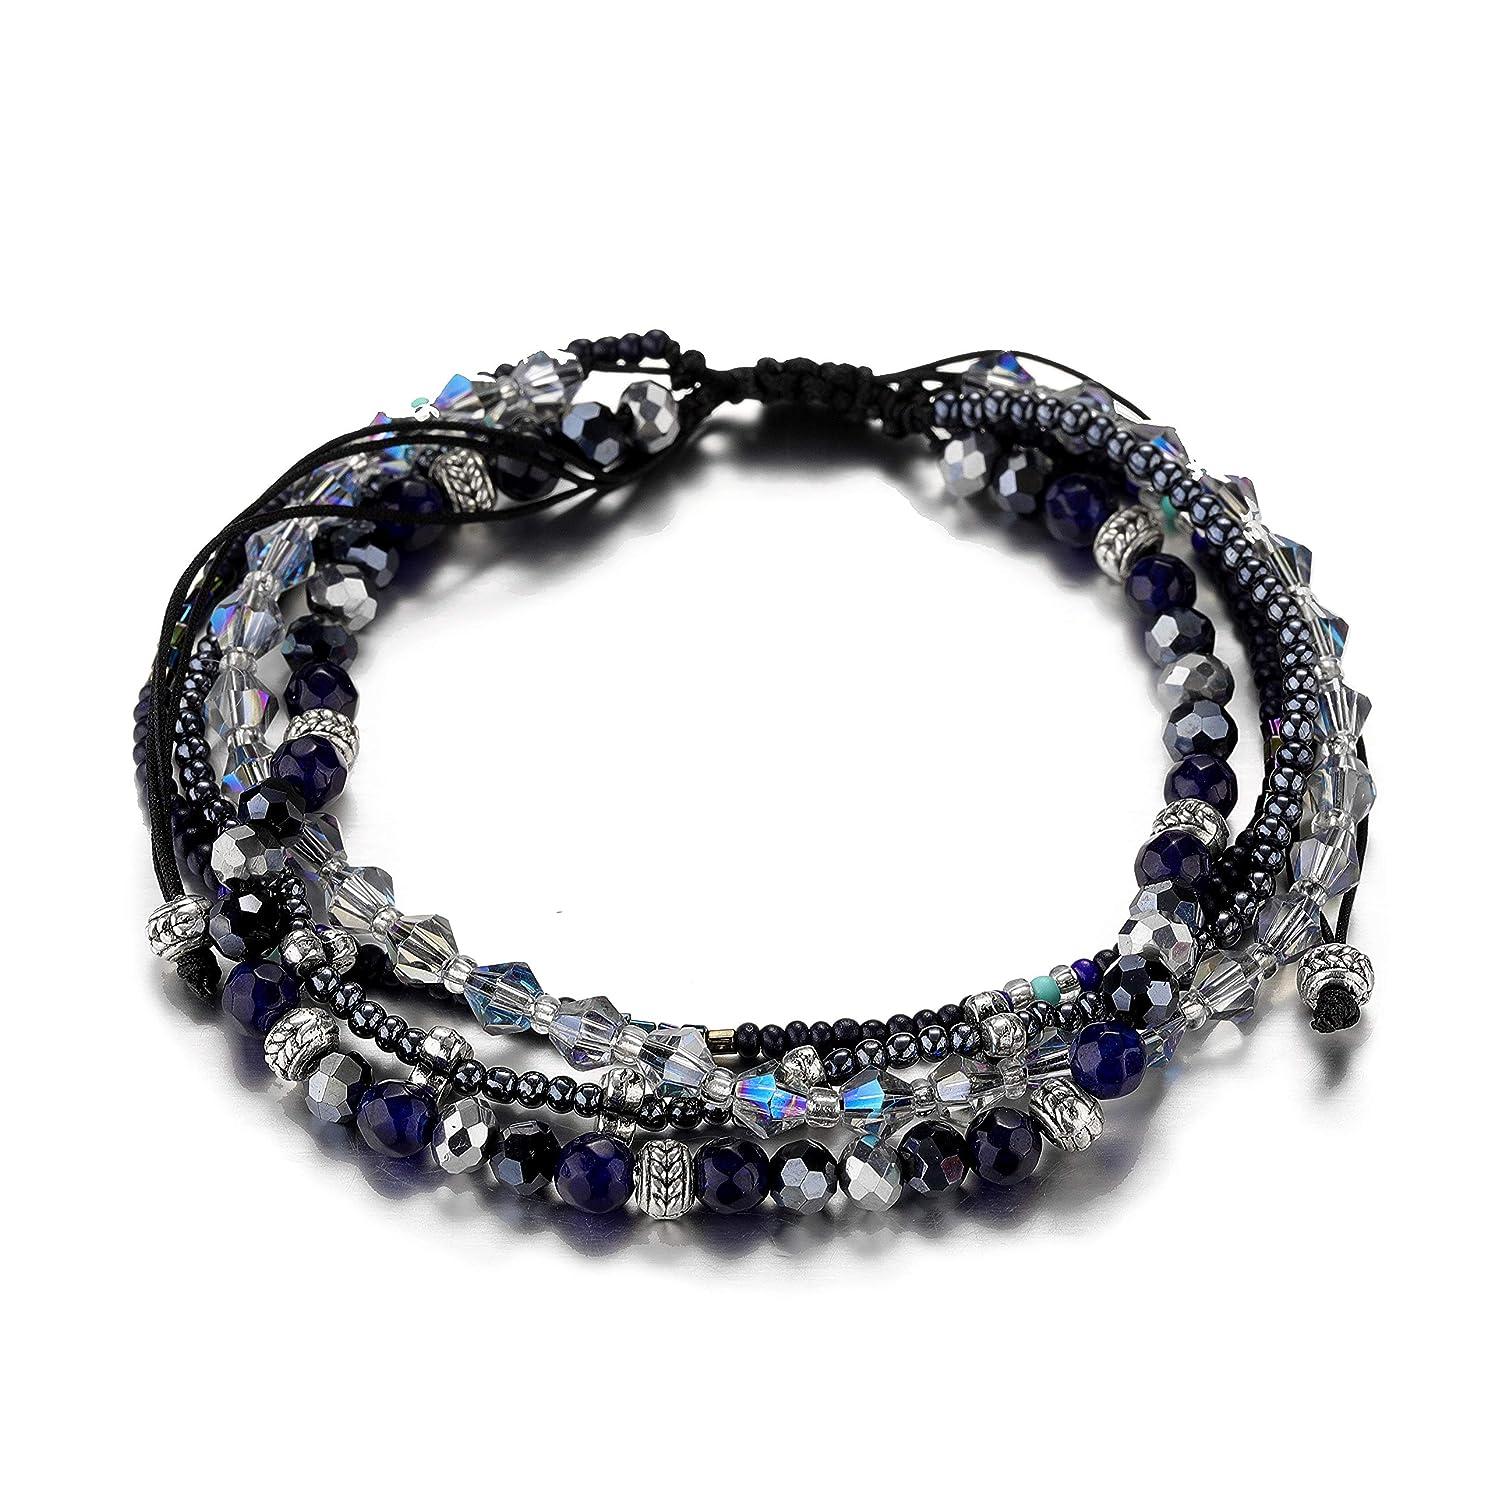 STAREDGE Woman Bohemian Wrap Bracelet Handmade Braided Beach Anklets Bracelets Gift for Girls and Women